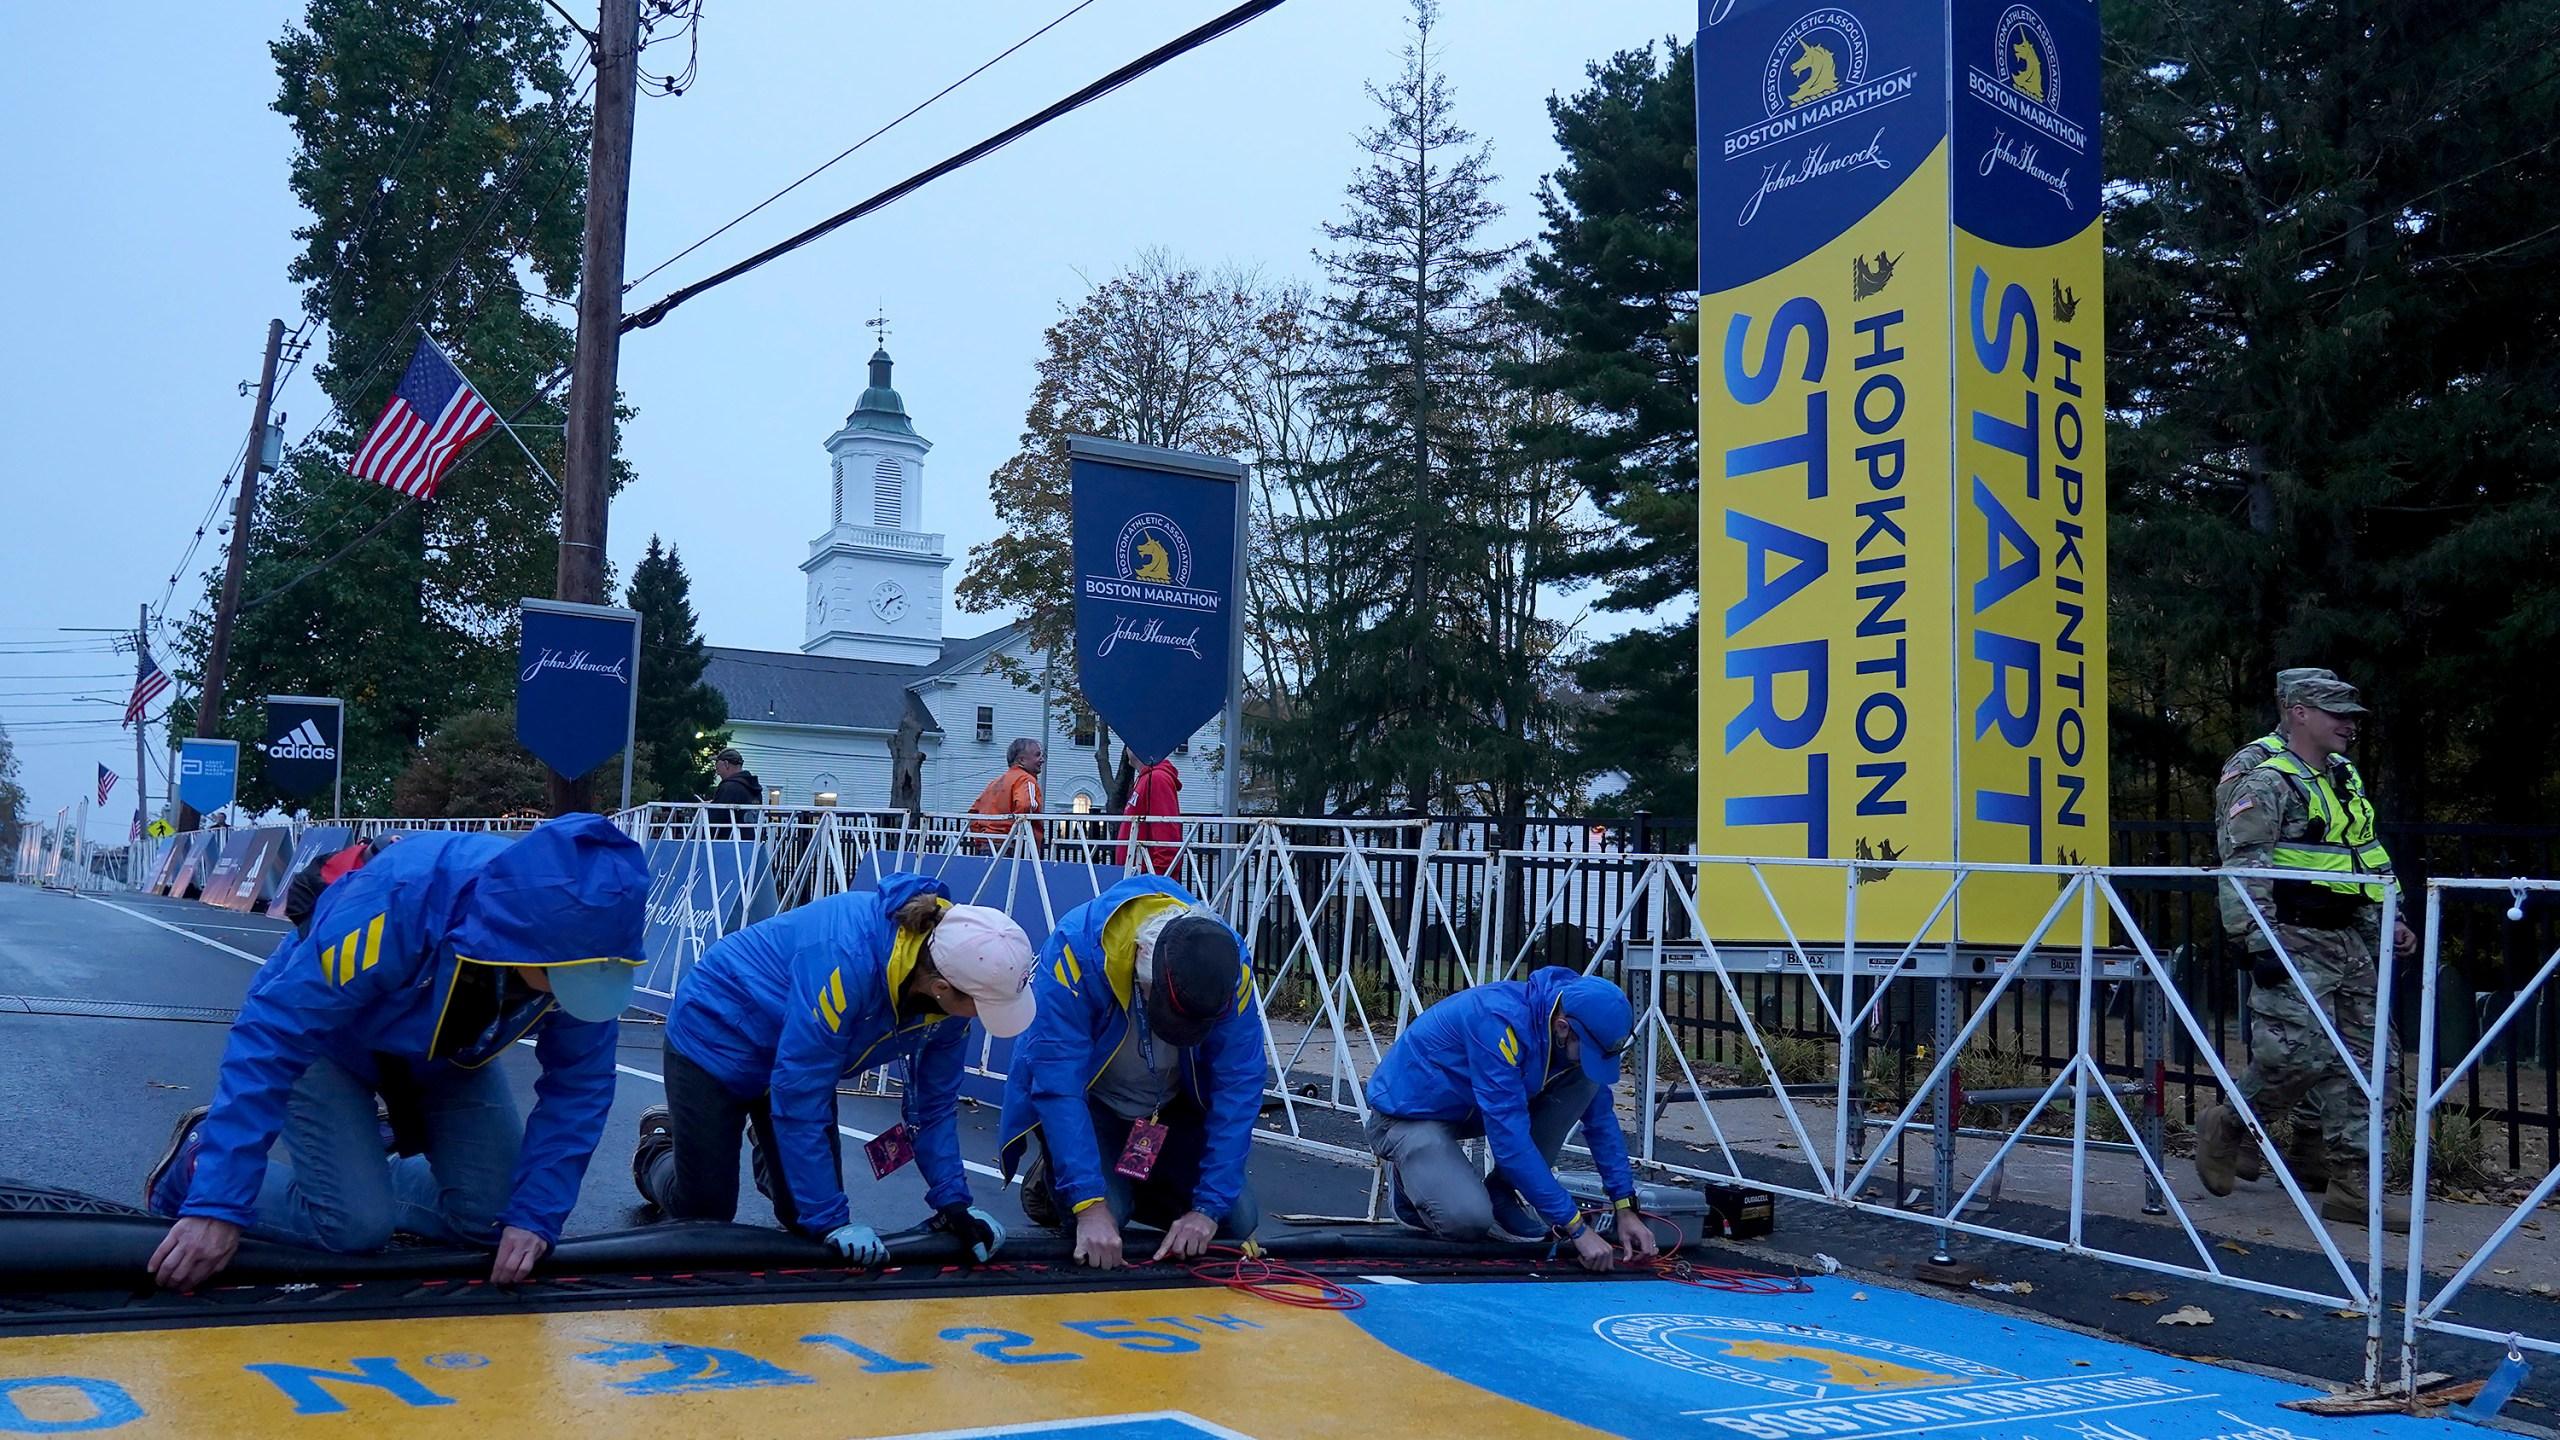 Boston Marathon returns